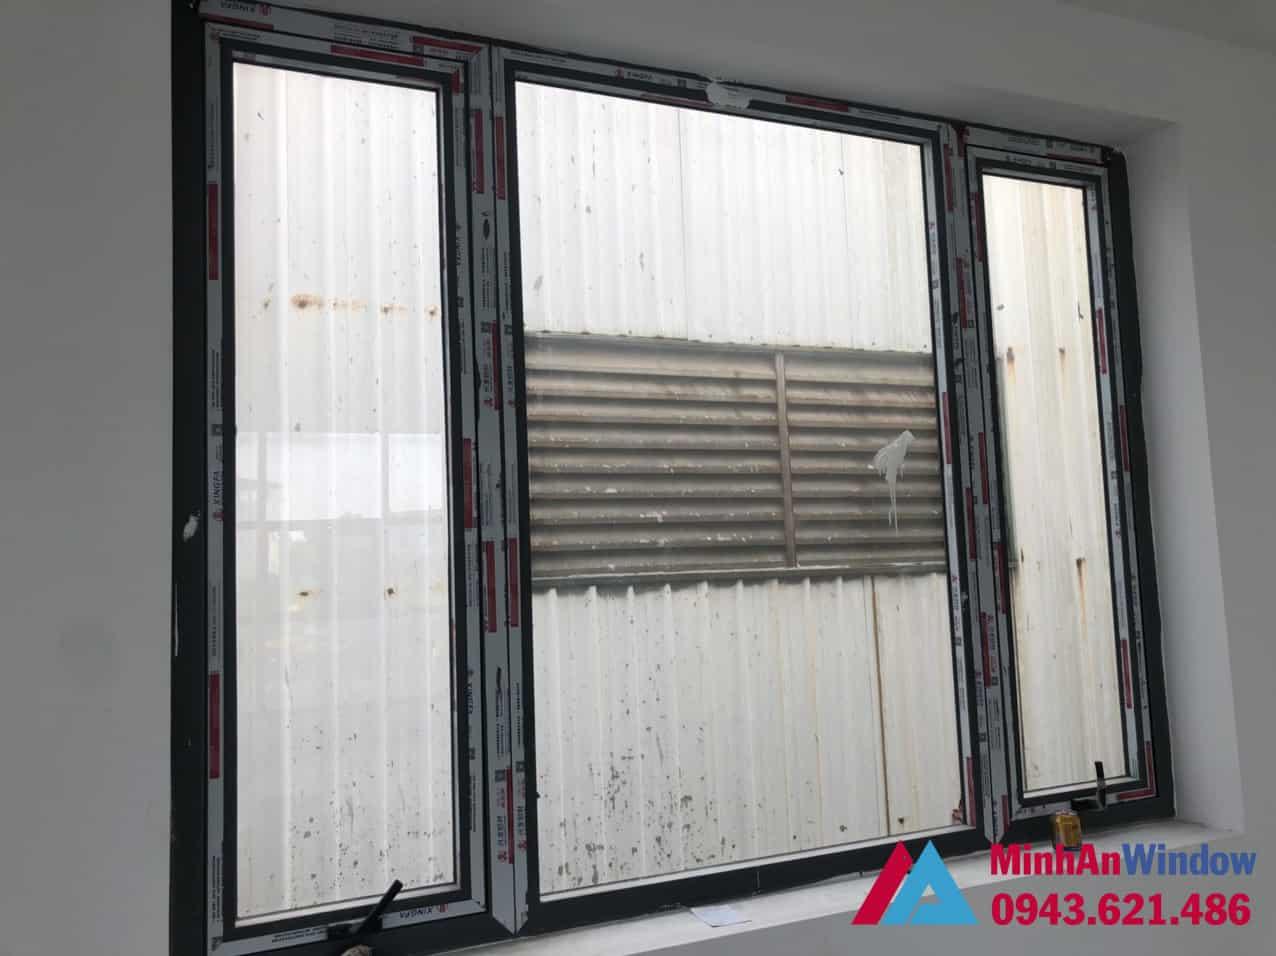 Mẫu cửa sổ nhôm kính 3 cánh Minh An Window lắp đặt cho nhà ở tại quận Nam Từ Liêm - Hà Nội